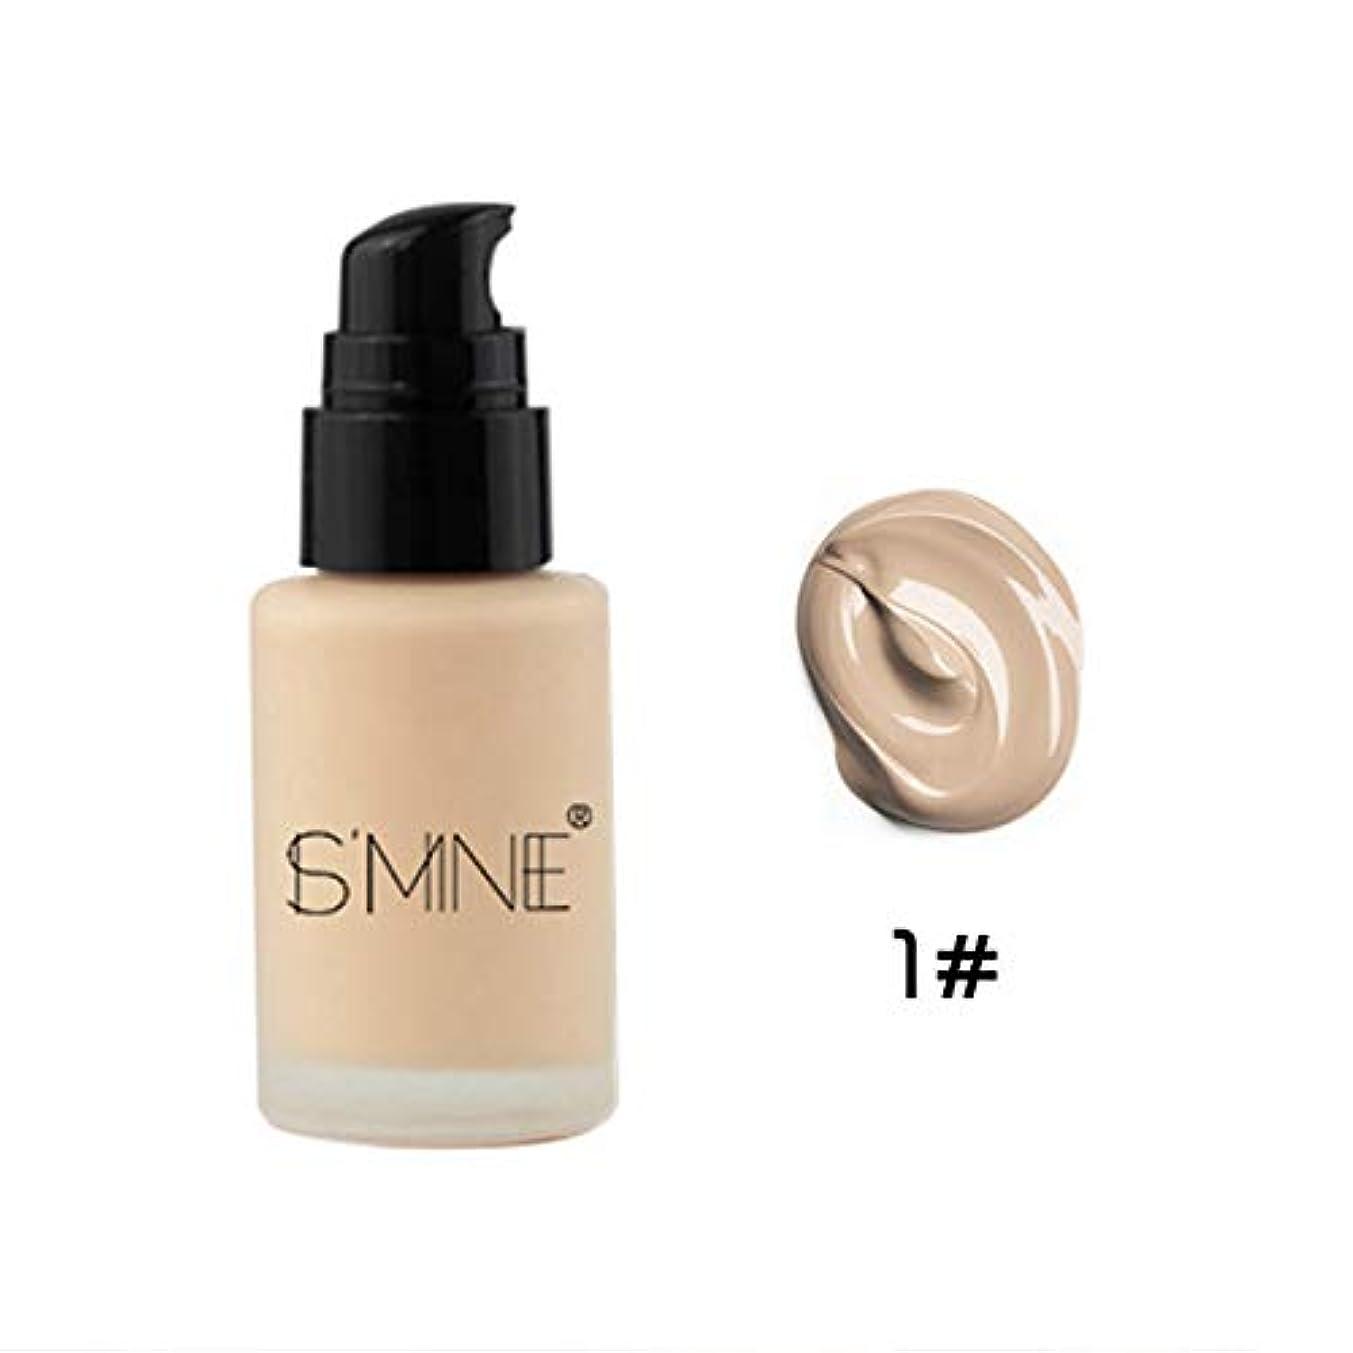 田舎やろう衝動Symboat BBクリーム 女性 フェイスコンシーラー 美白 保湿 防水 ロングラスティングメイクアップ 健康的な自然な肌色 素肌感 化粧品